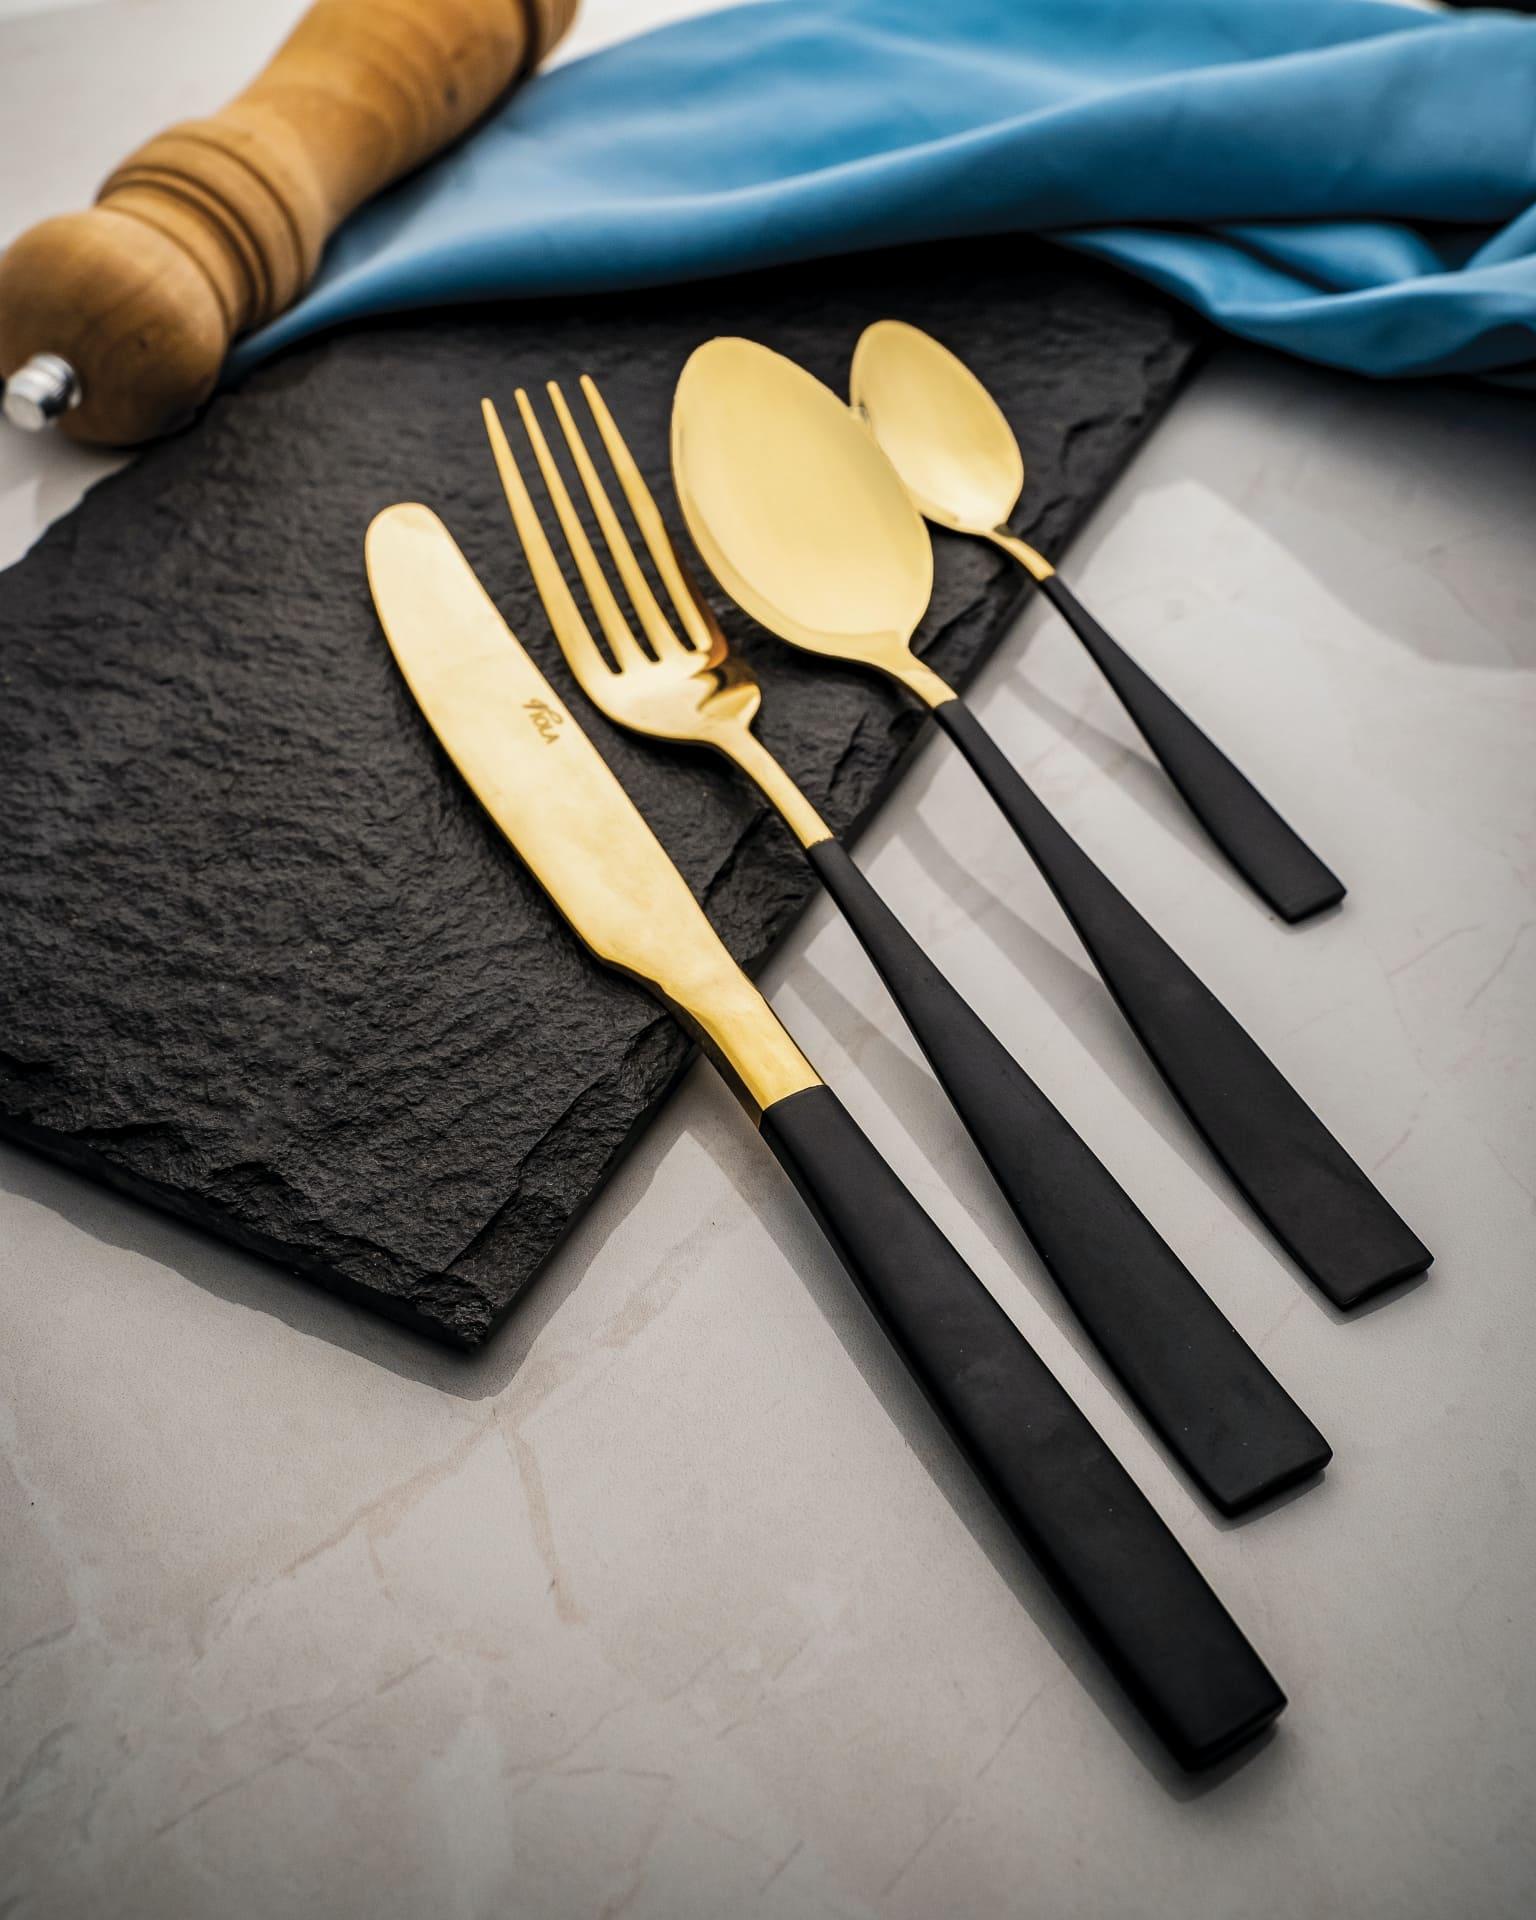 Viola Black & Gold Opulent Cutlery Set